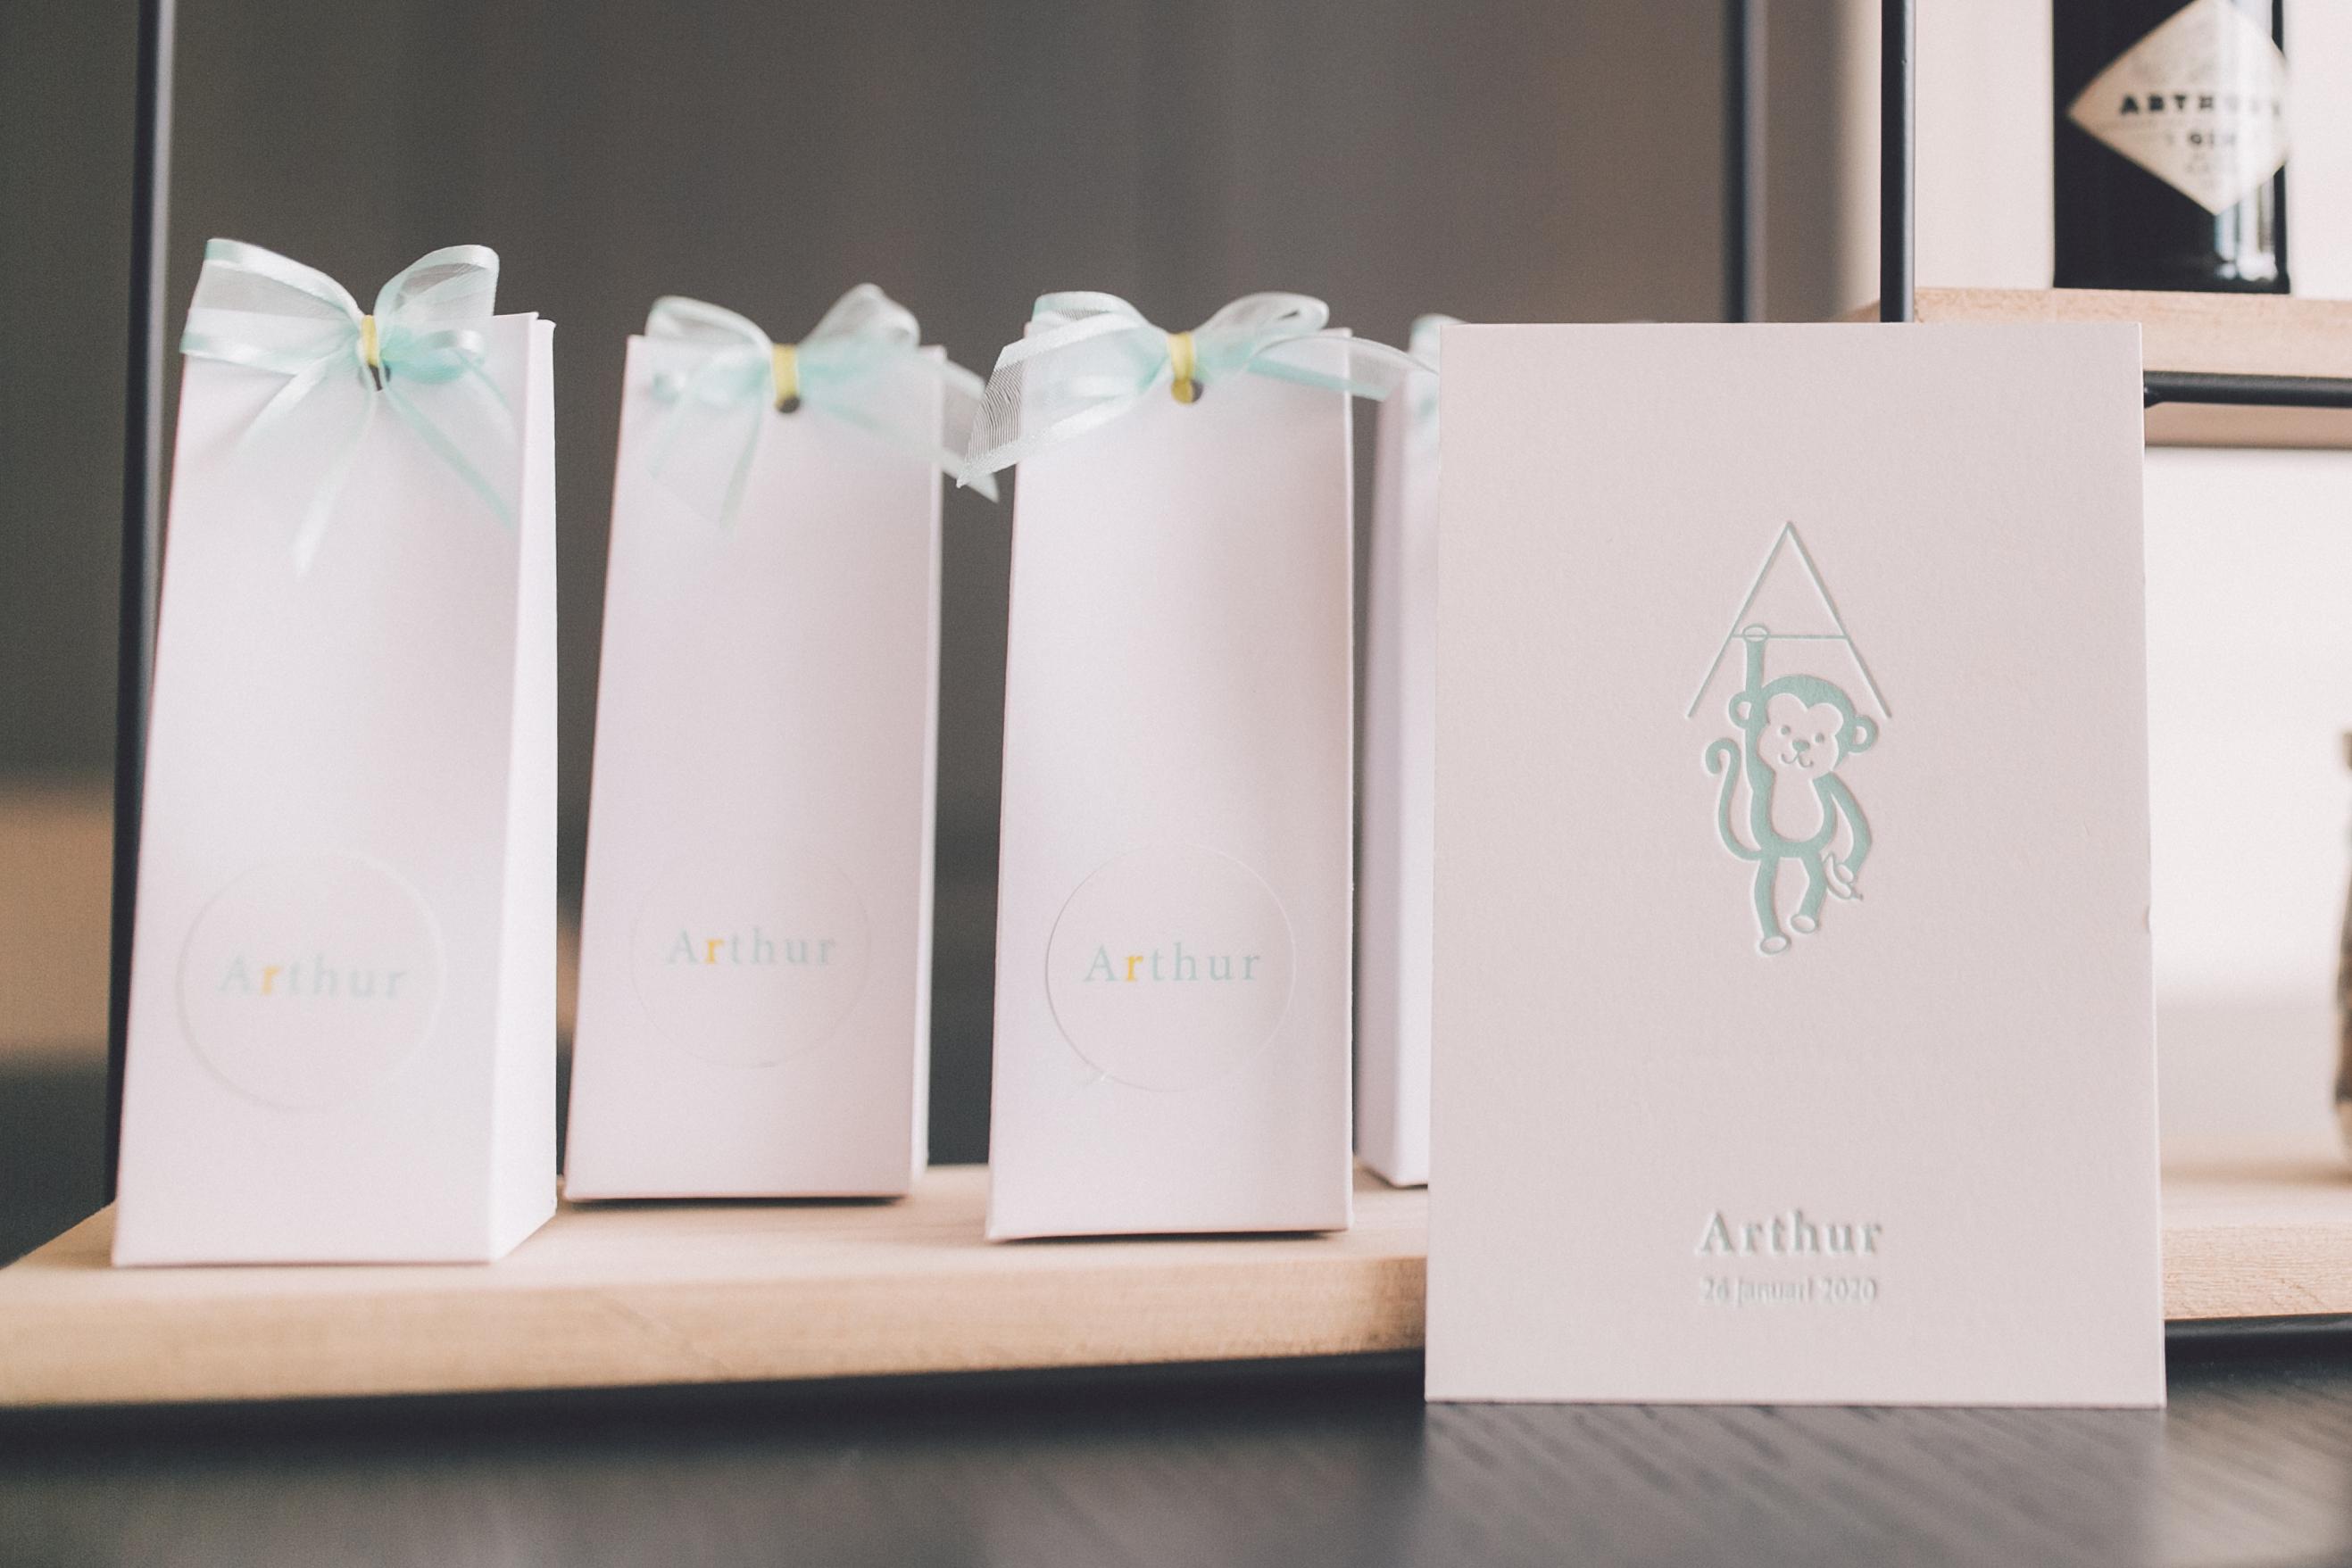 ARTHUR-4031